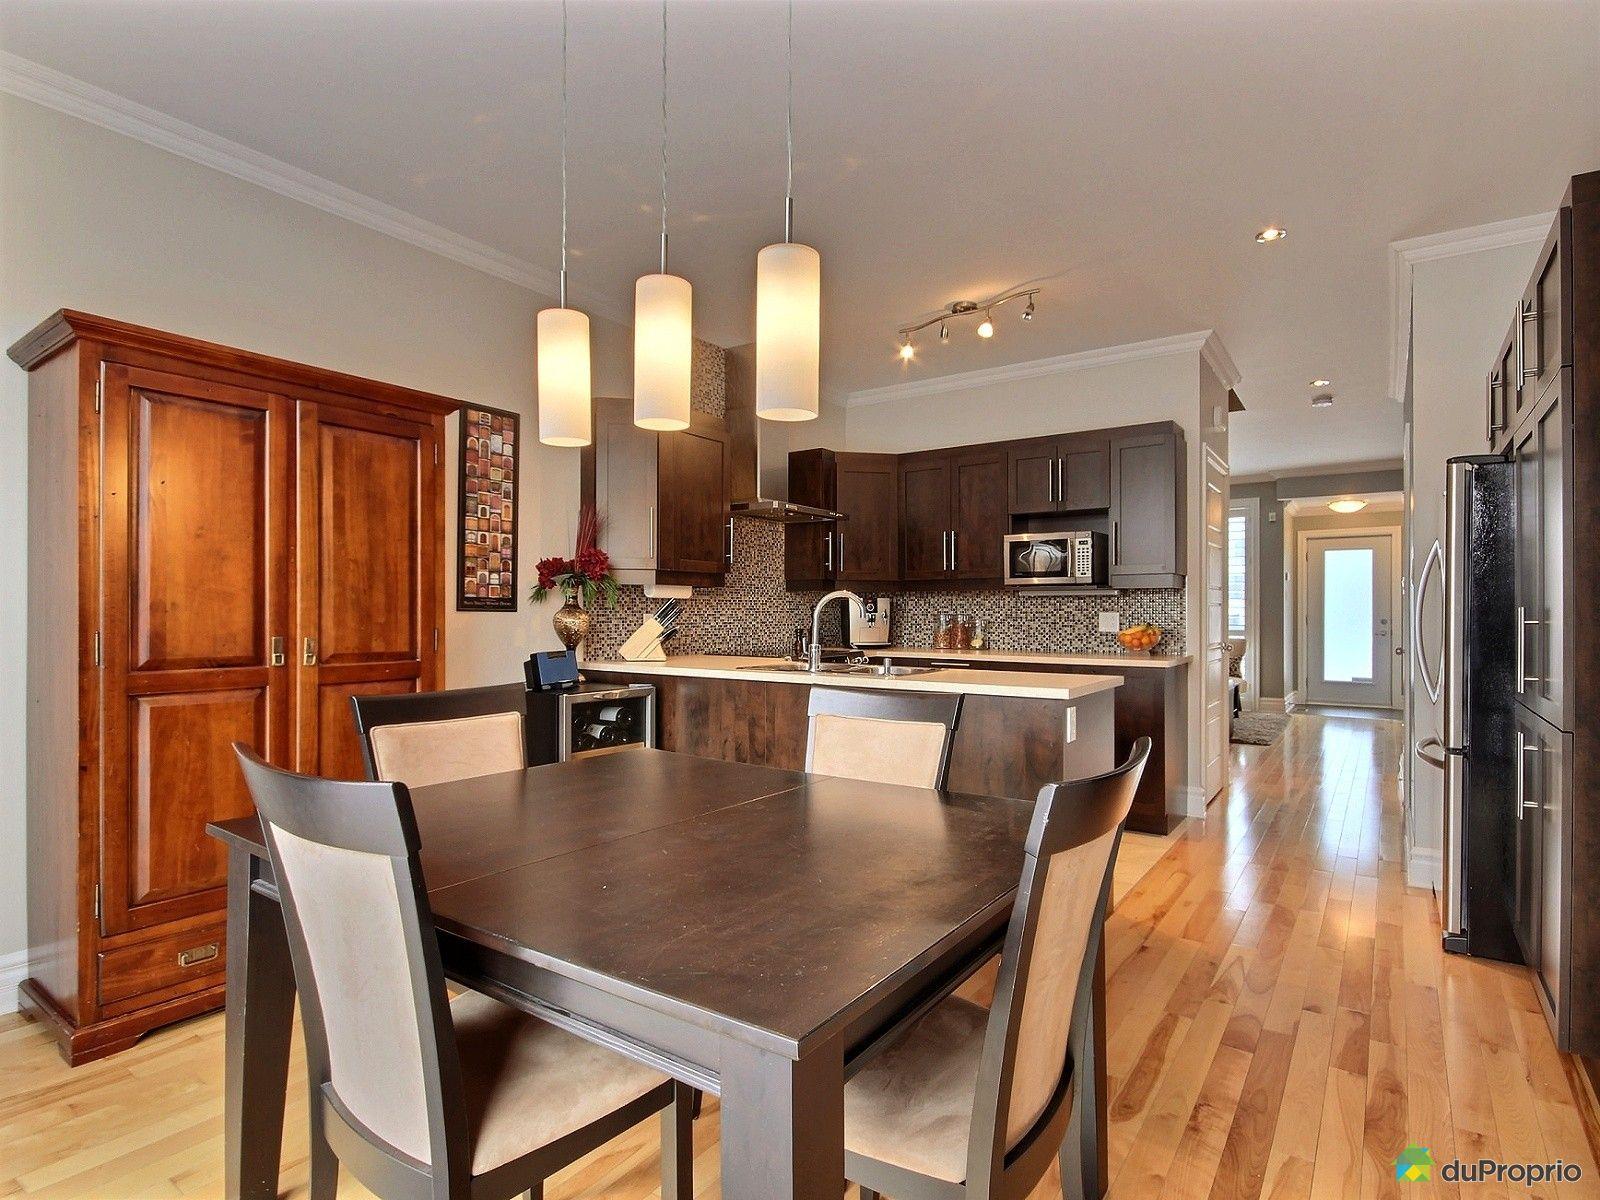 maison vendre montr al 9485 rue rousseau immobilier qu bec duproprio 678219. Black Bedroom Furniture Sets. Home Design Ideas